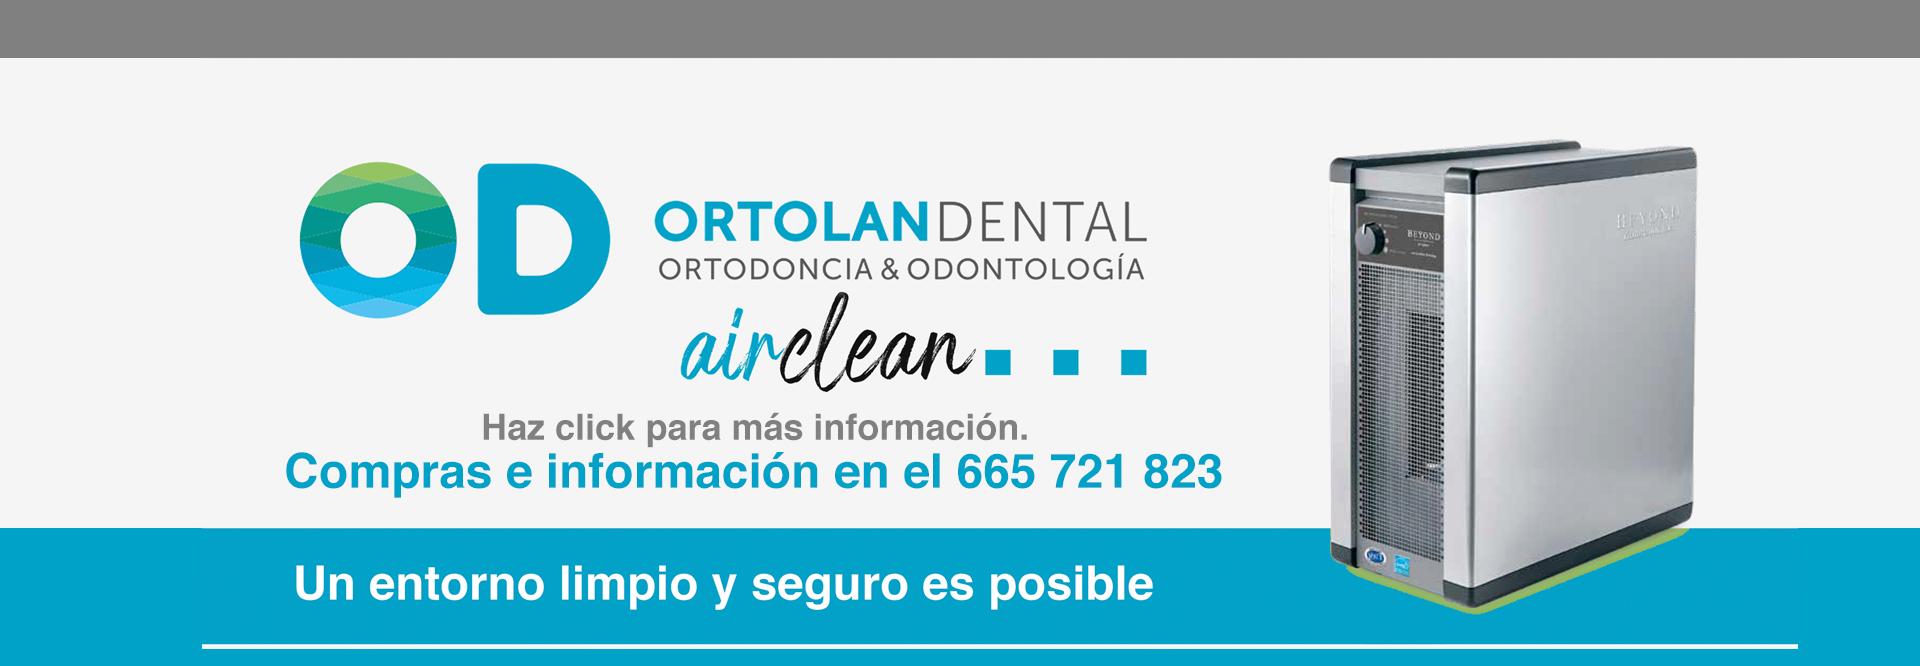 Ortolan AirClean